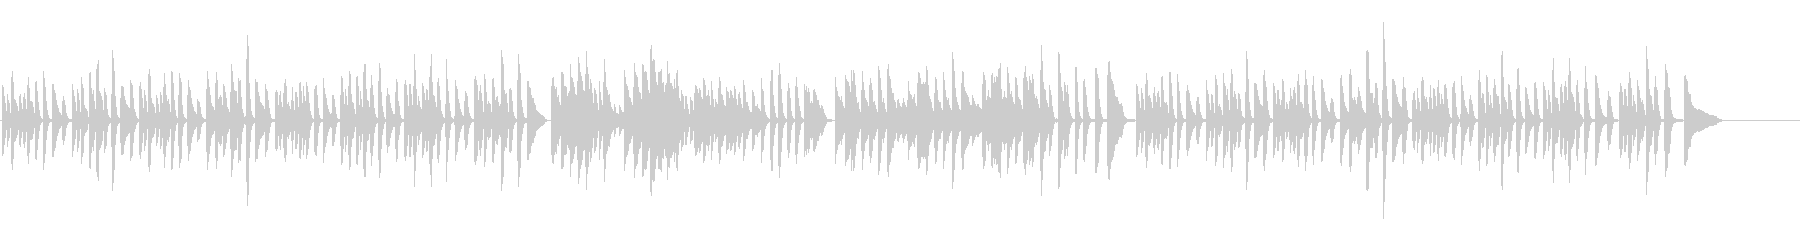 ガボット/ゴセック(ピアノソロ)の未再生の波形